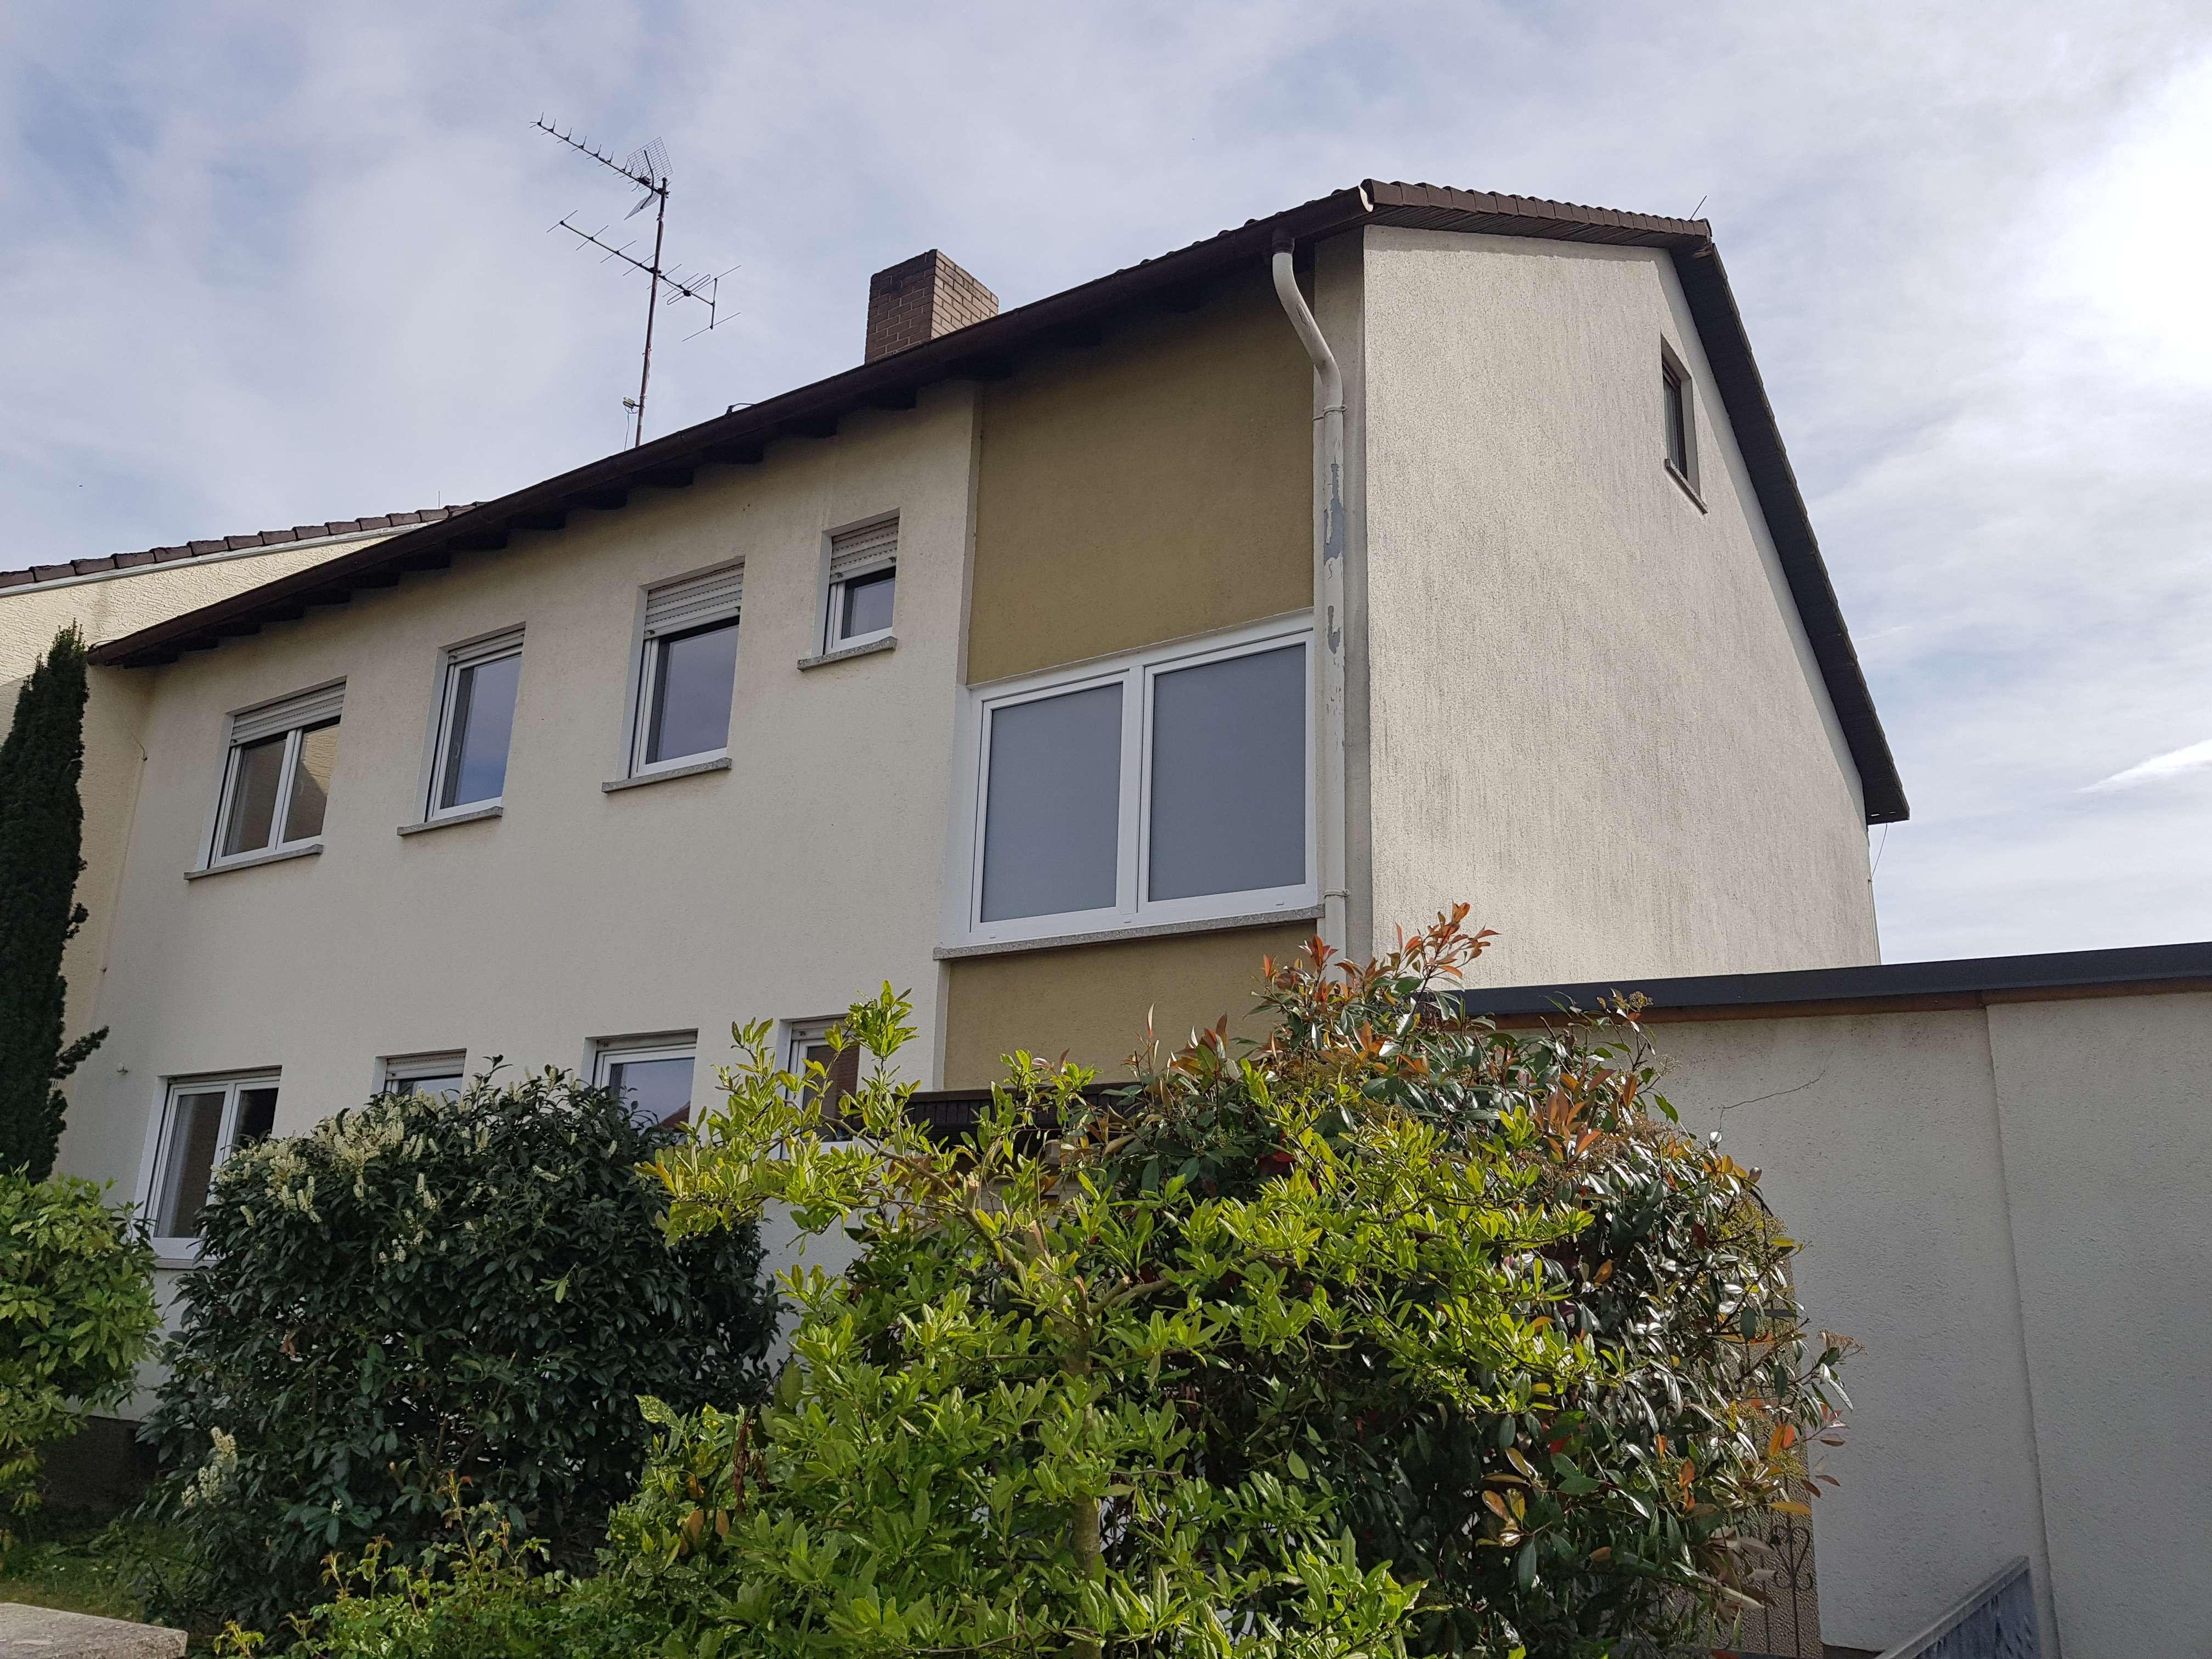 4-Zimmer-Erdgeschoßwohnung in Großostheim